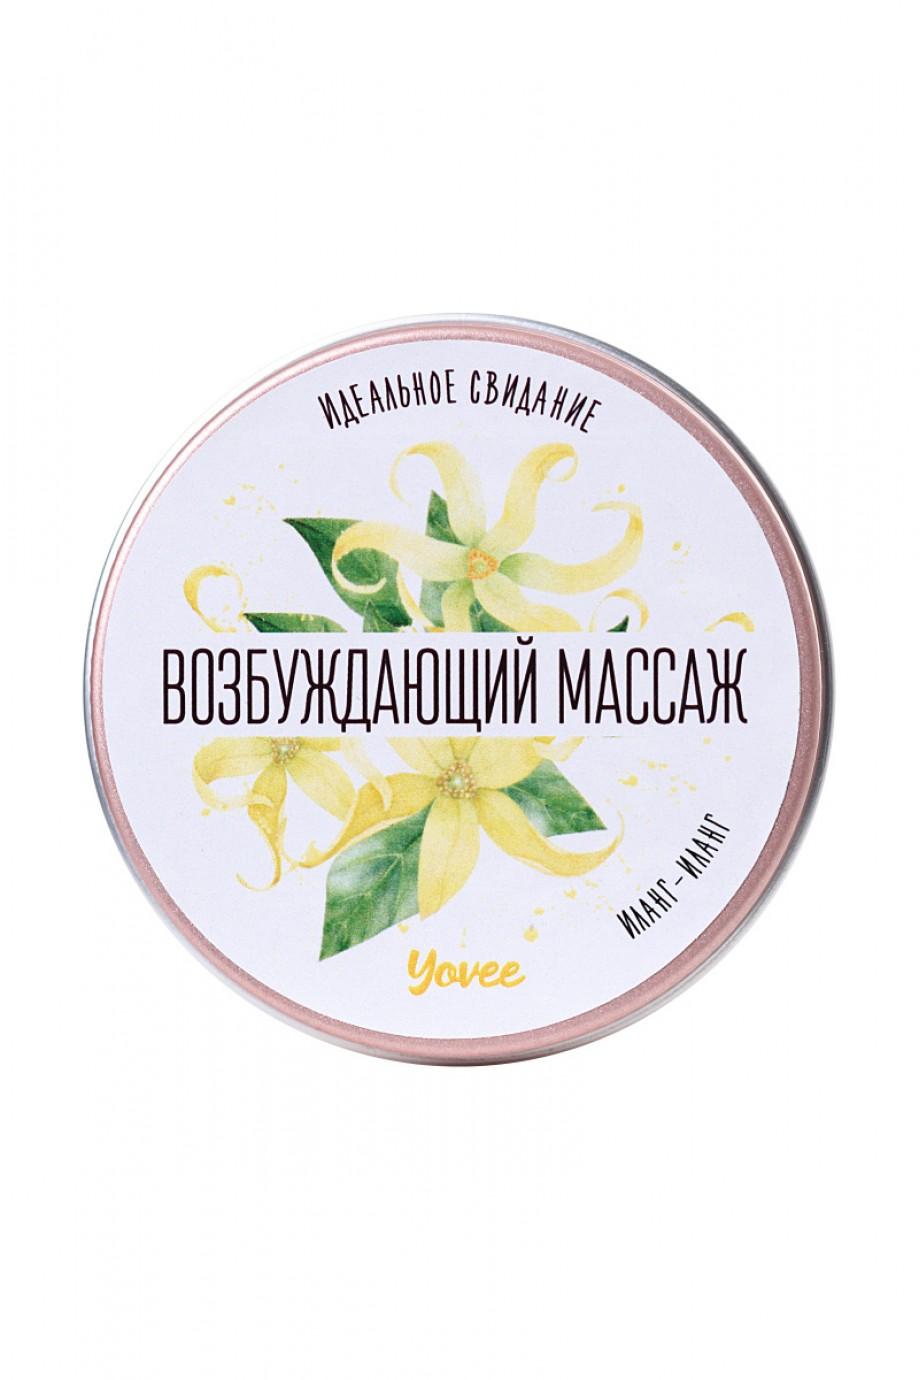 Массажная свеча Yovee by Toyfa «Возбуждающий массаж», с ароматом иланг-иланга, 30 мл